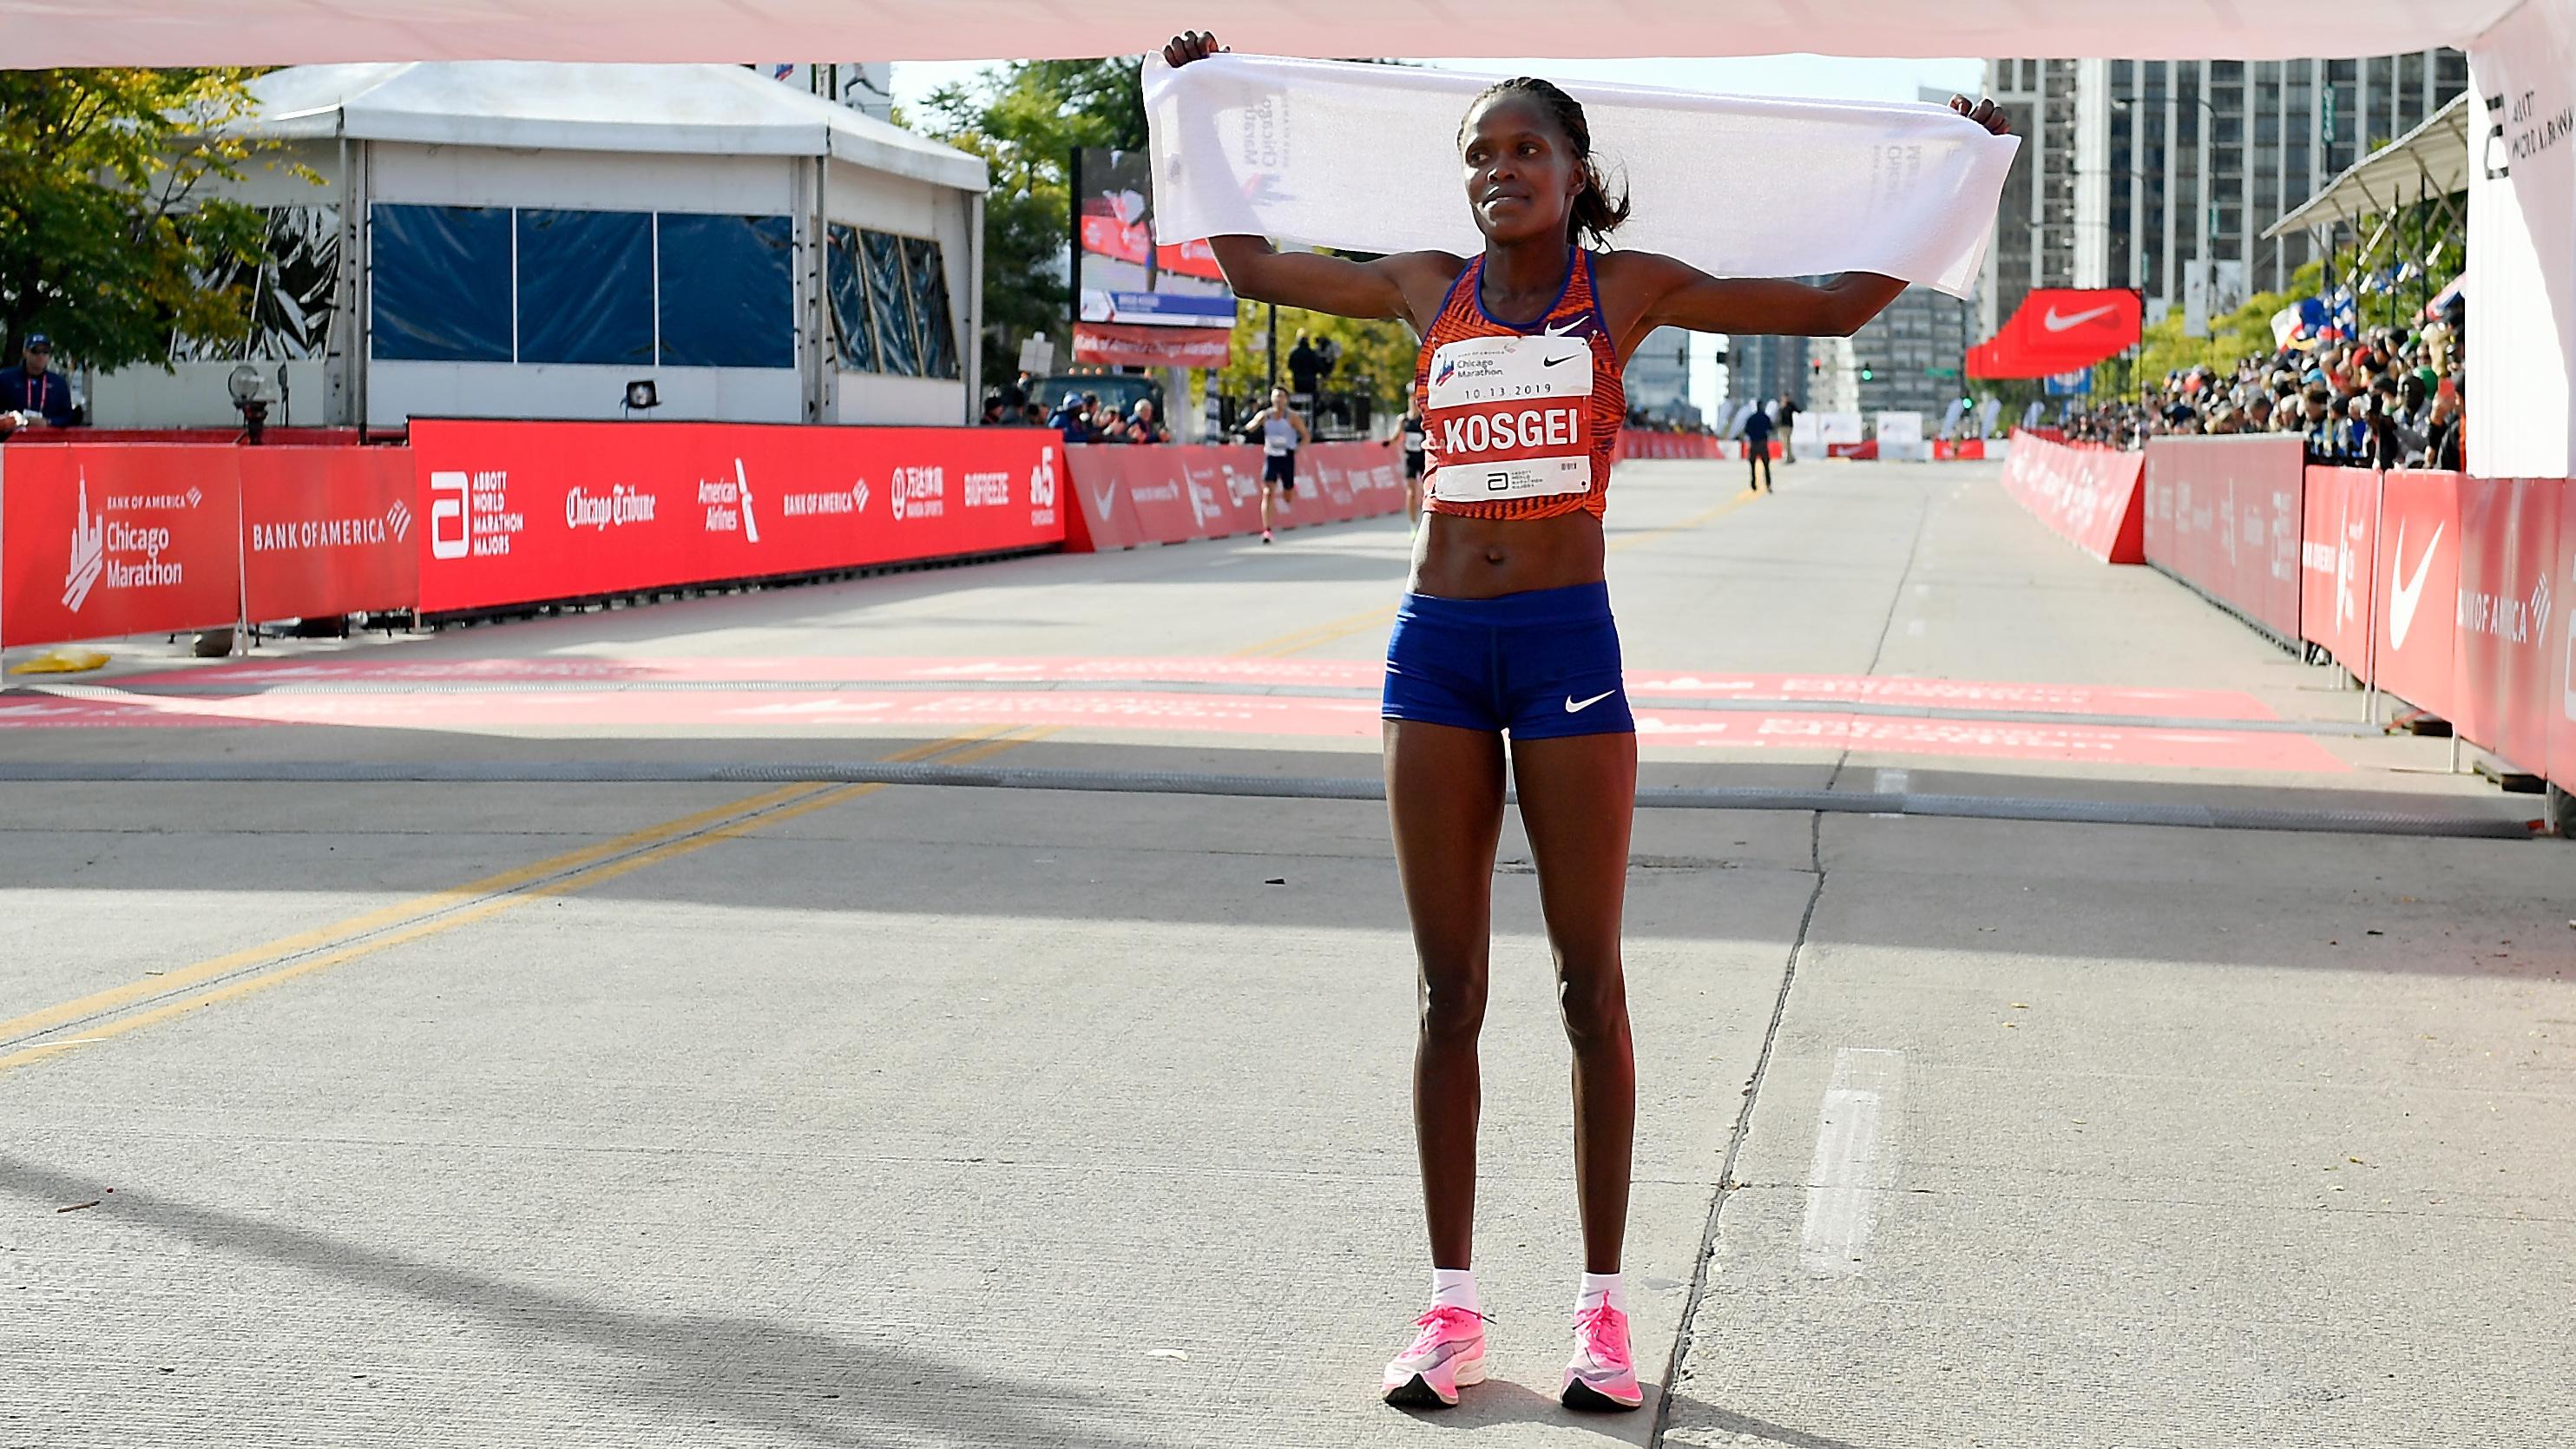 Kenyan Brigid Kosgei Smashes Women's World Record At Chicago Marathon